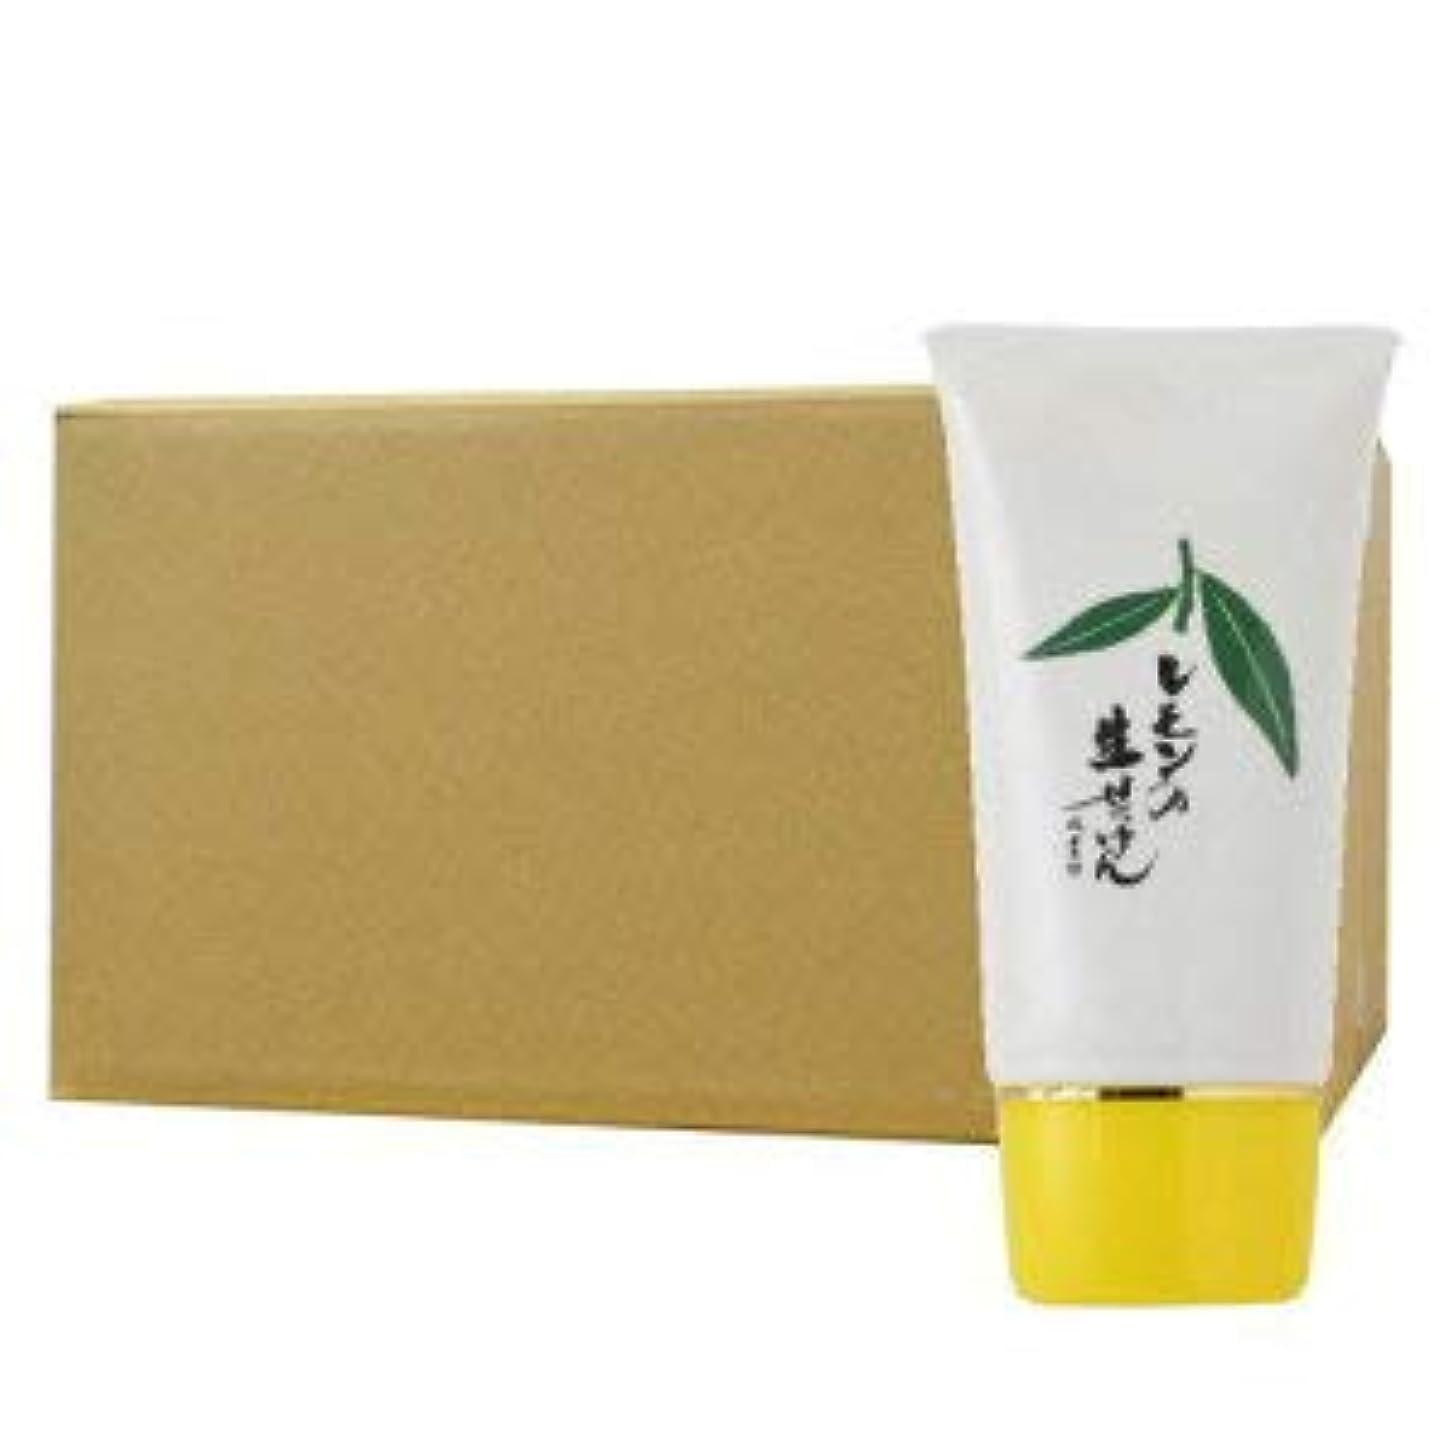 到着するなぞらえる受け入れるUYEKI美香柑レモンの生せっけん70g×60個セット